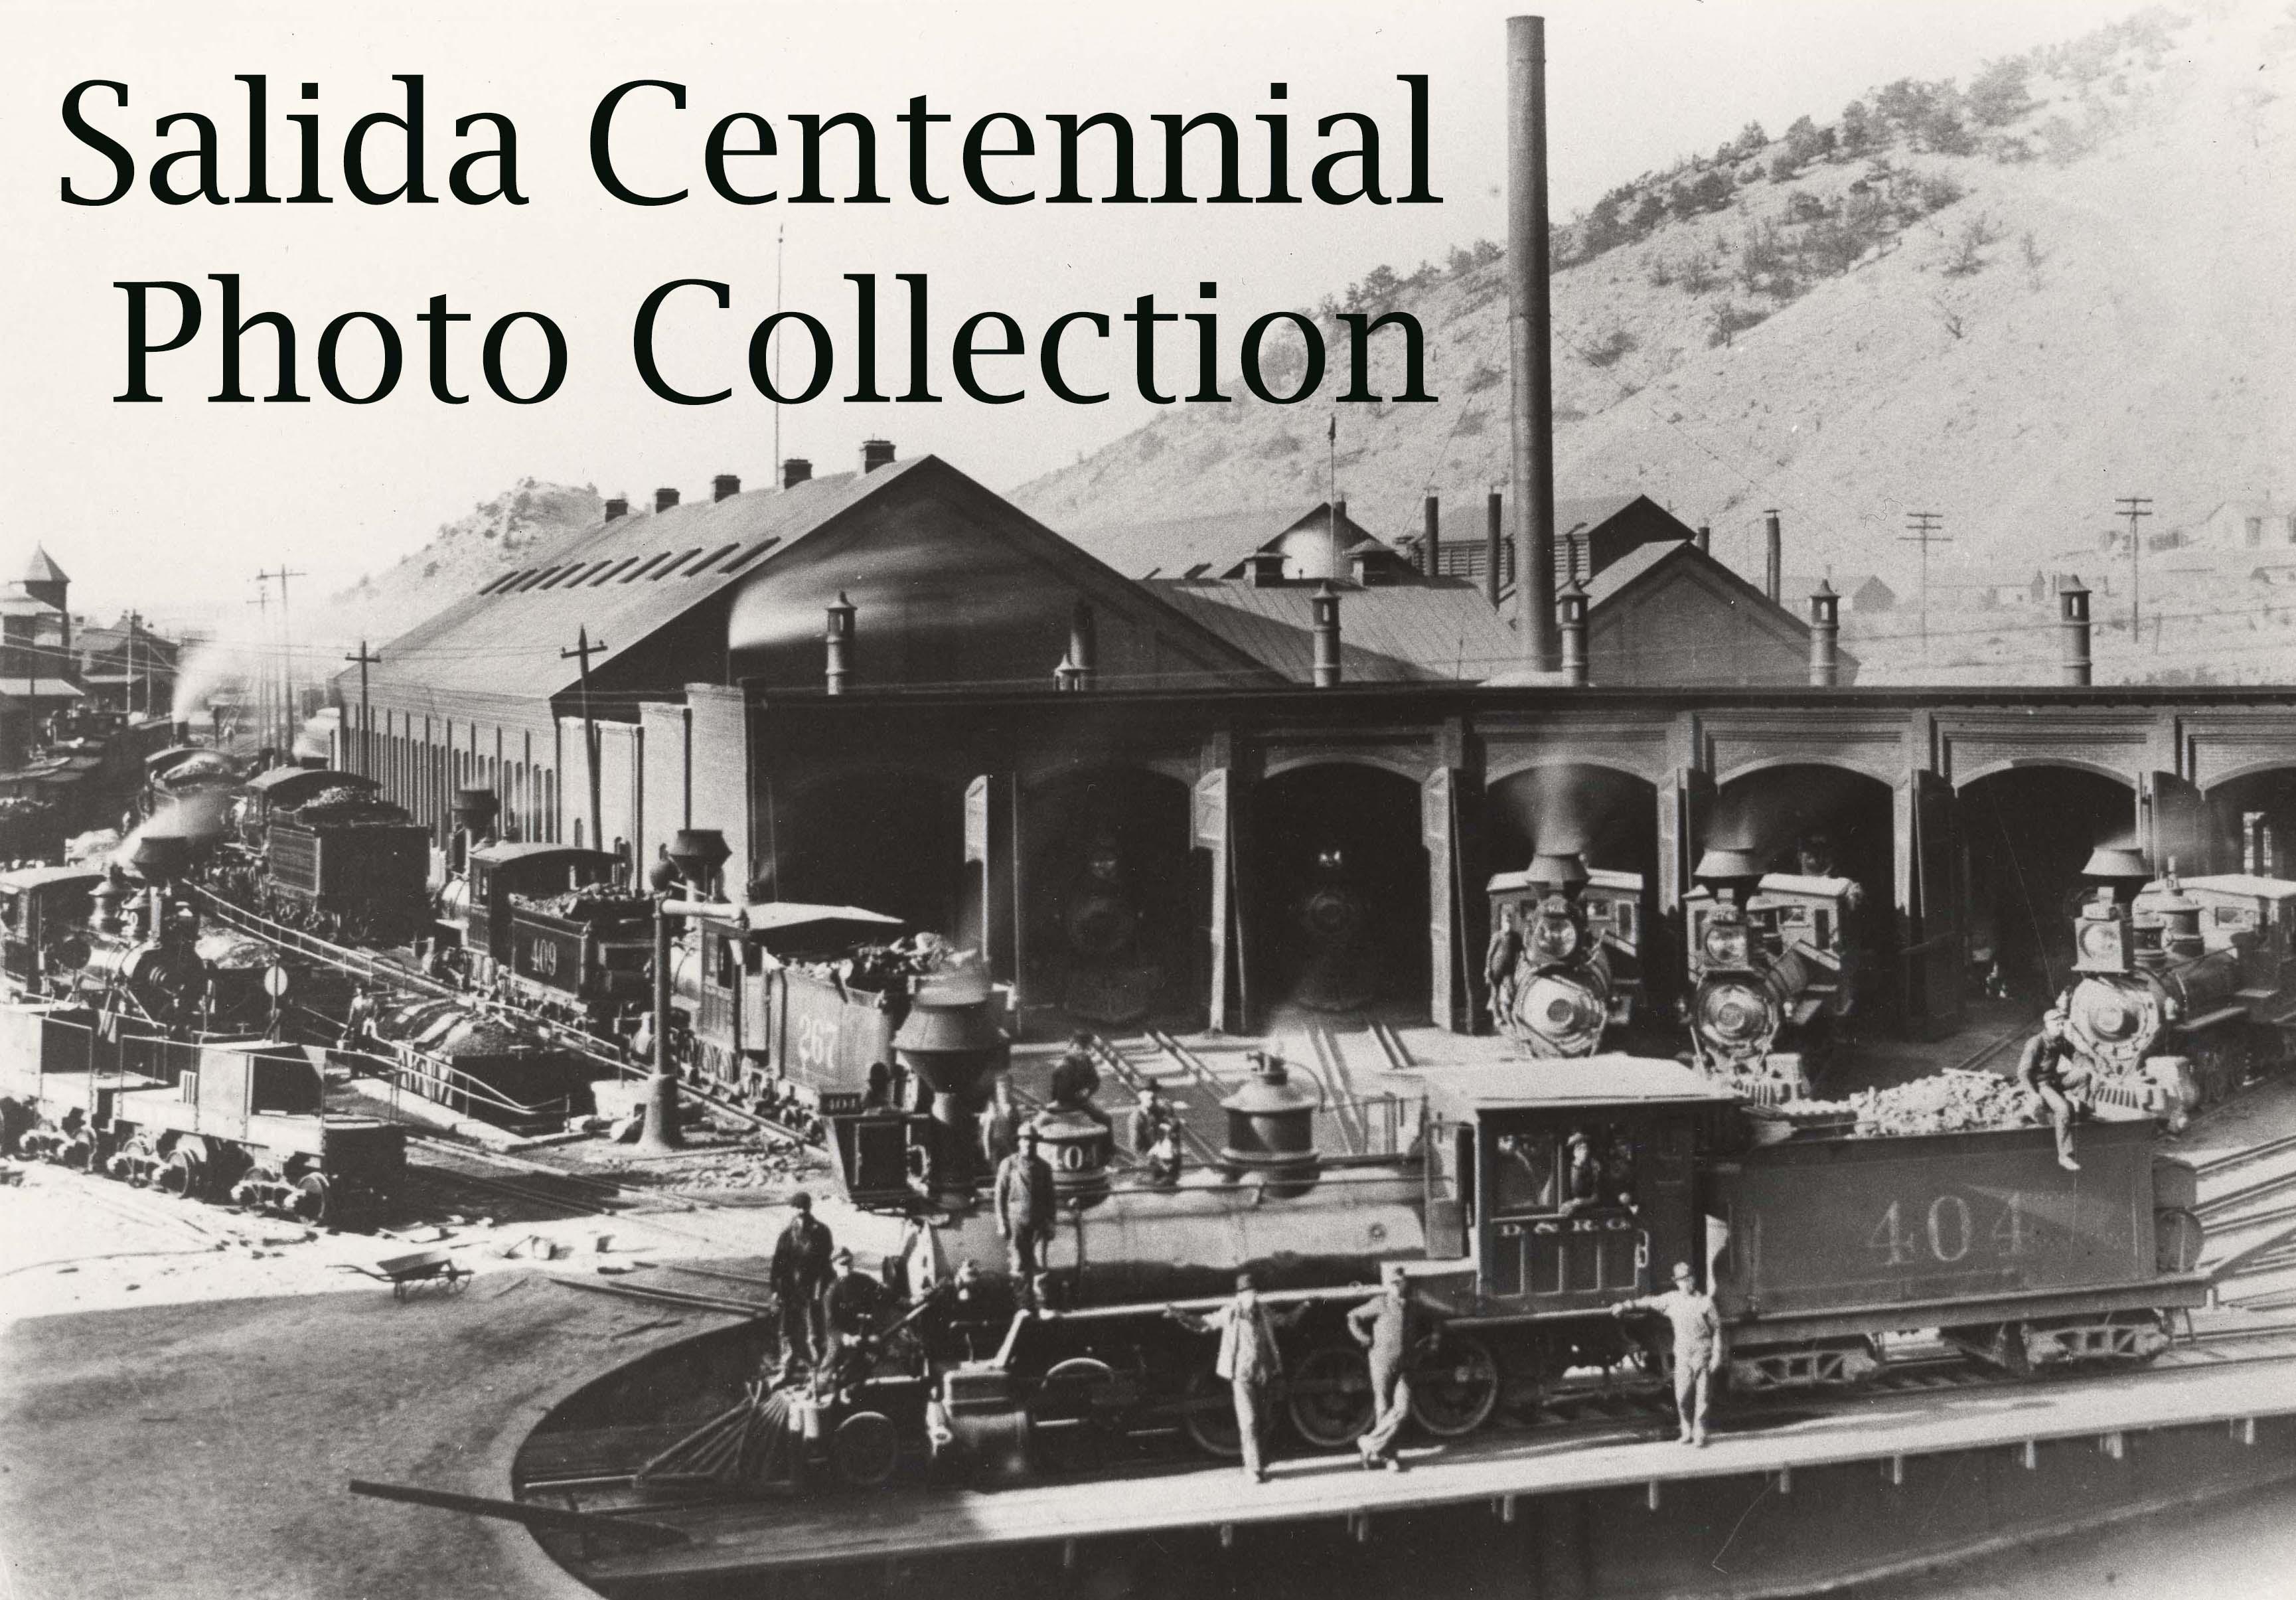 Salida Centennial Photo Collection|urlencode